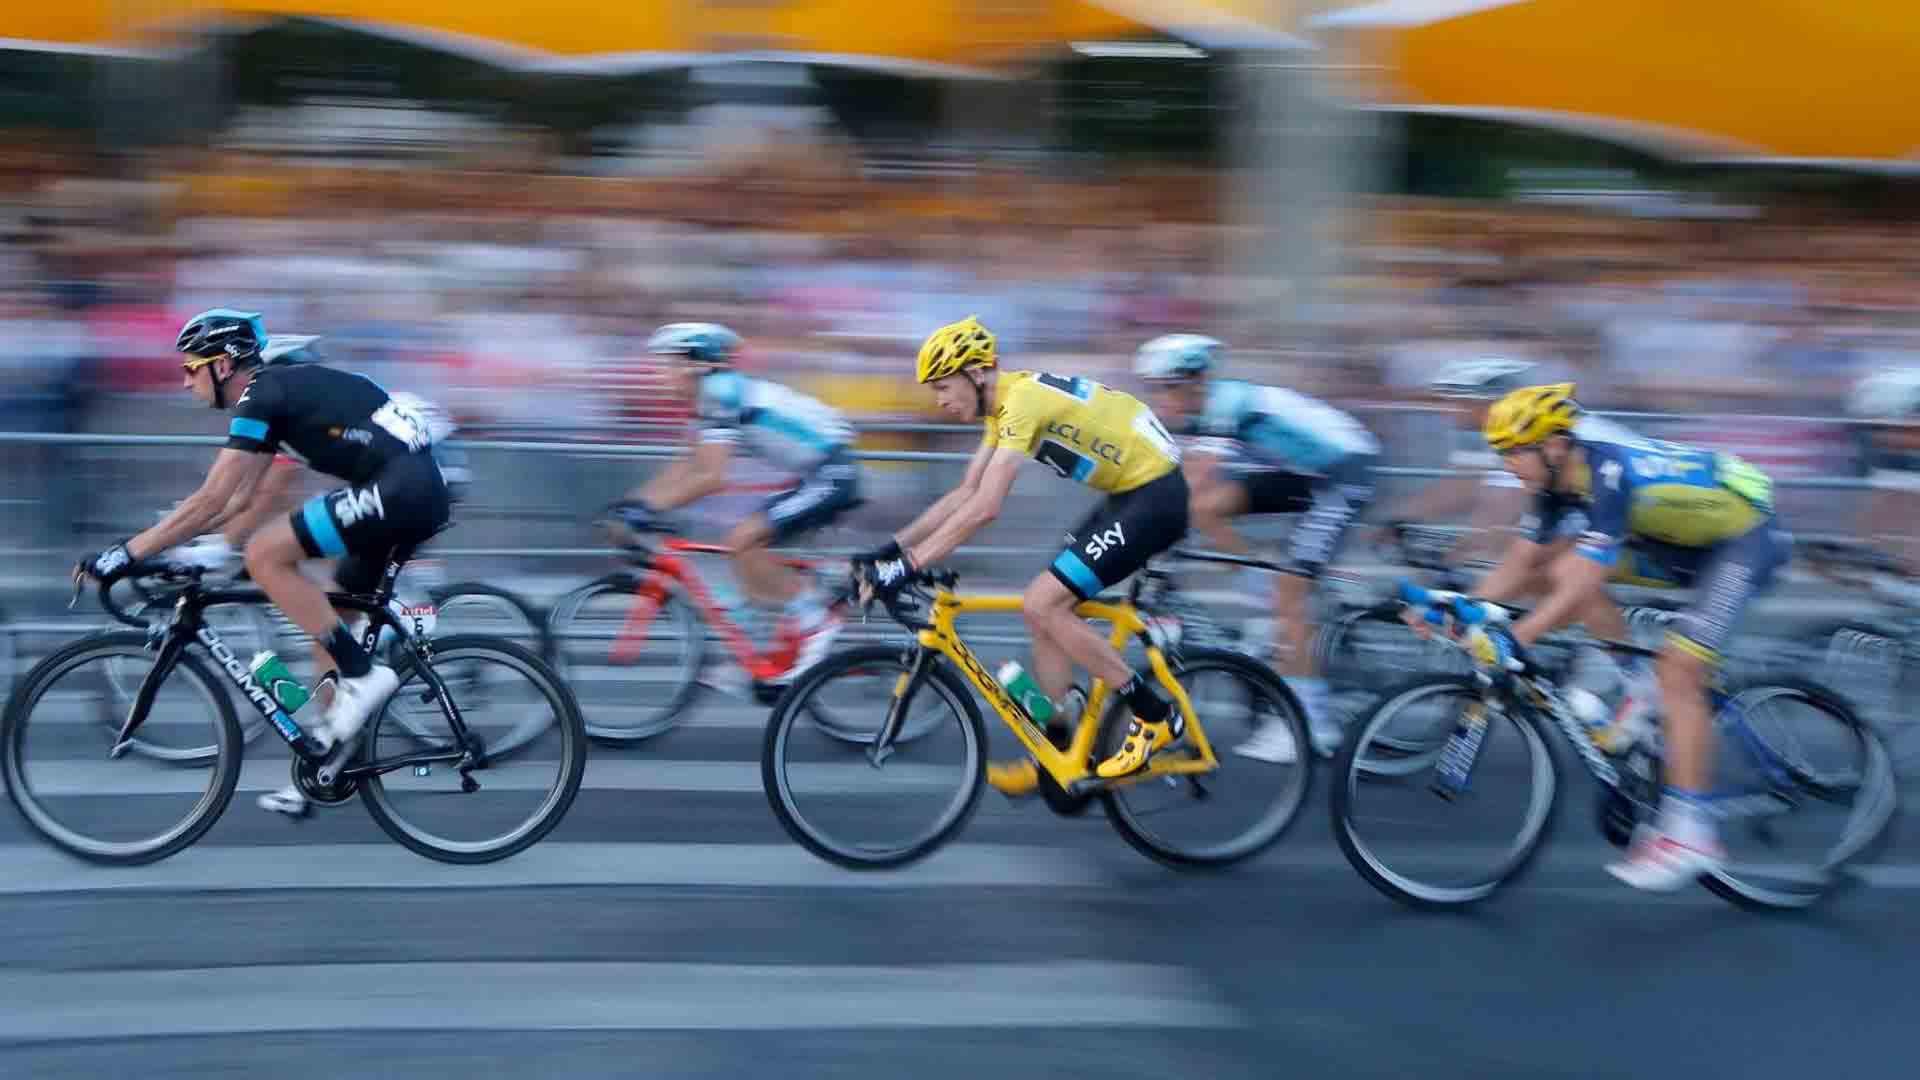 La UCI informó que hasta 2020 se organizarán 15 campeonatos mundiales repartidos entre siete modalidades, los cuales llevarán lo mejor del ciclismo a once países distintos